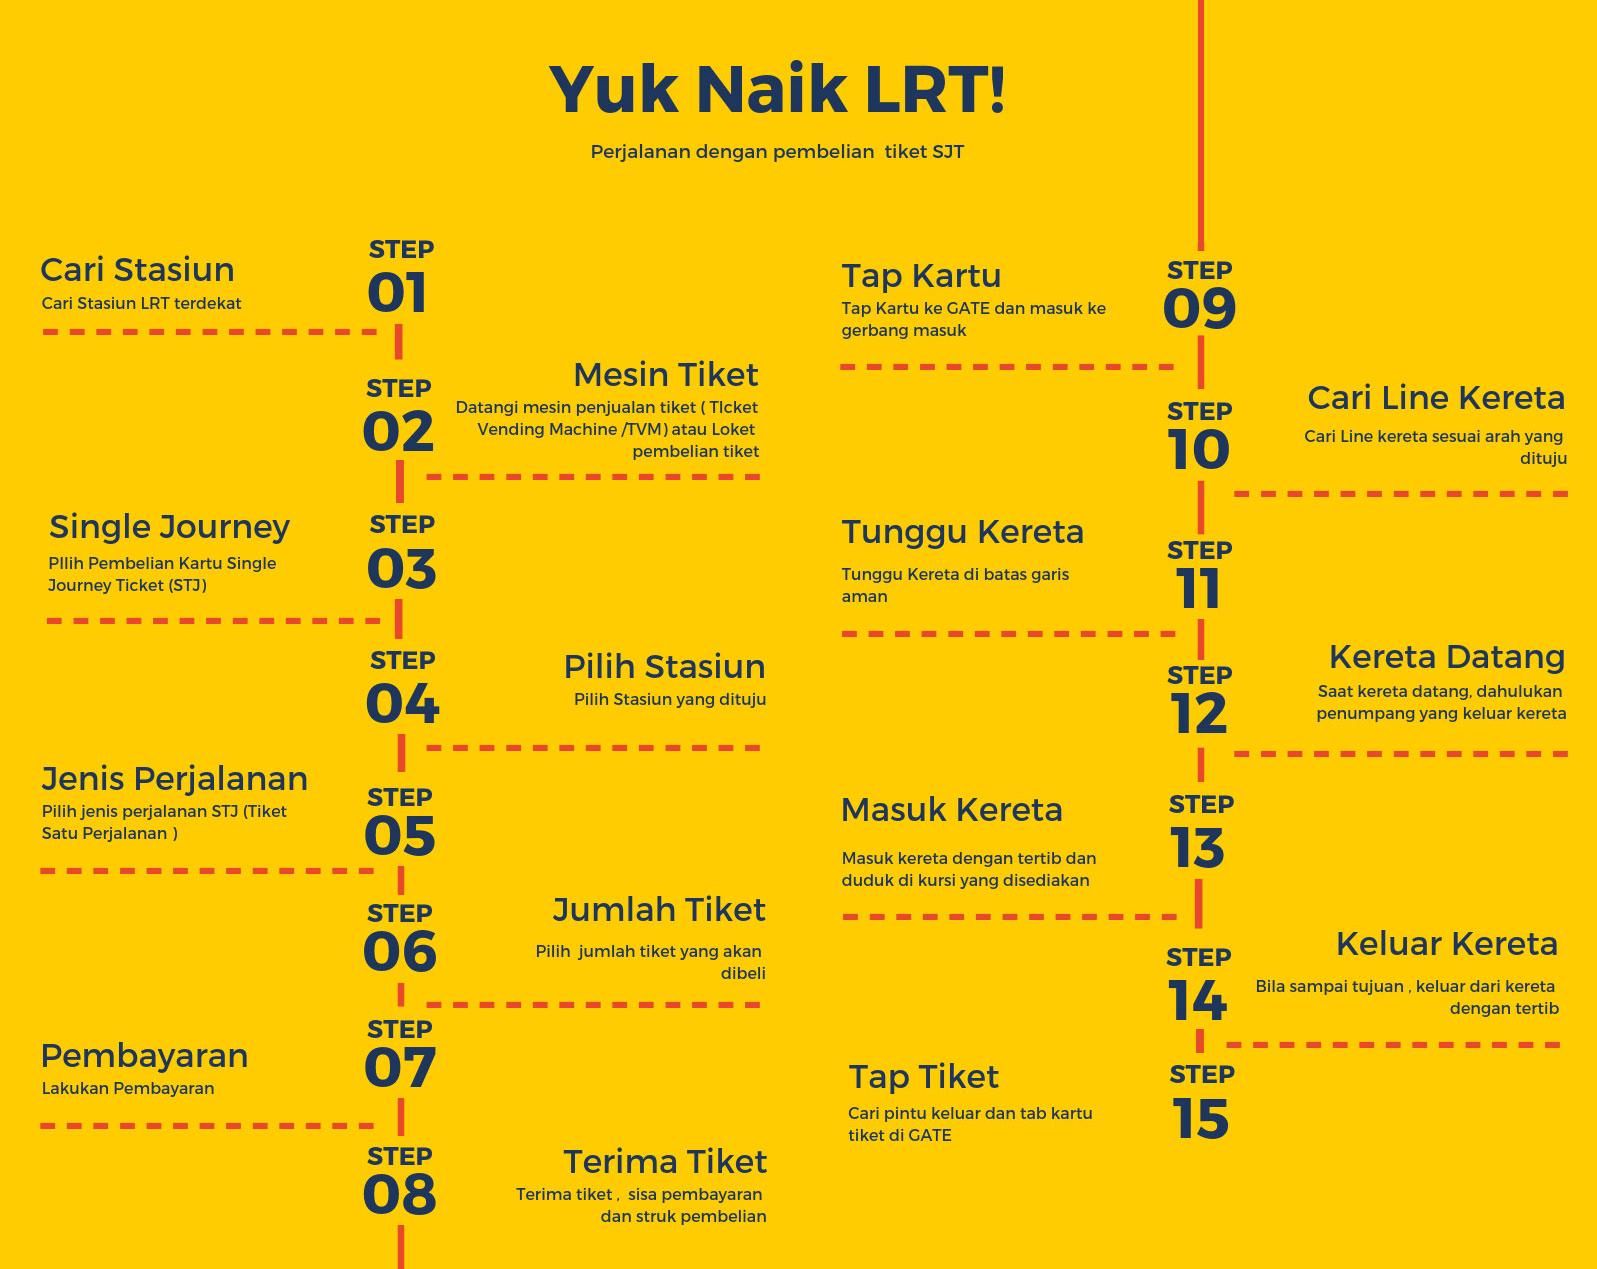 Yuk Naik LRT